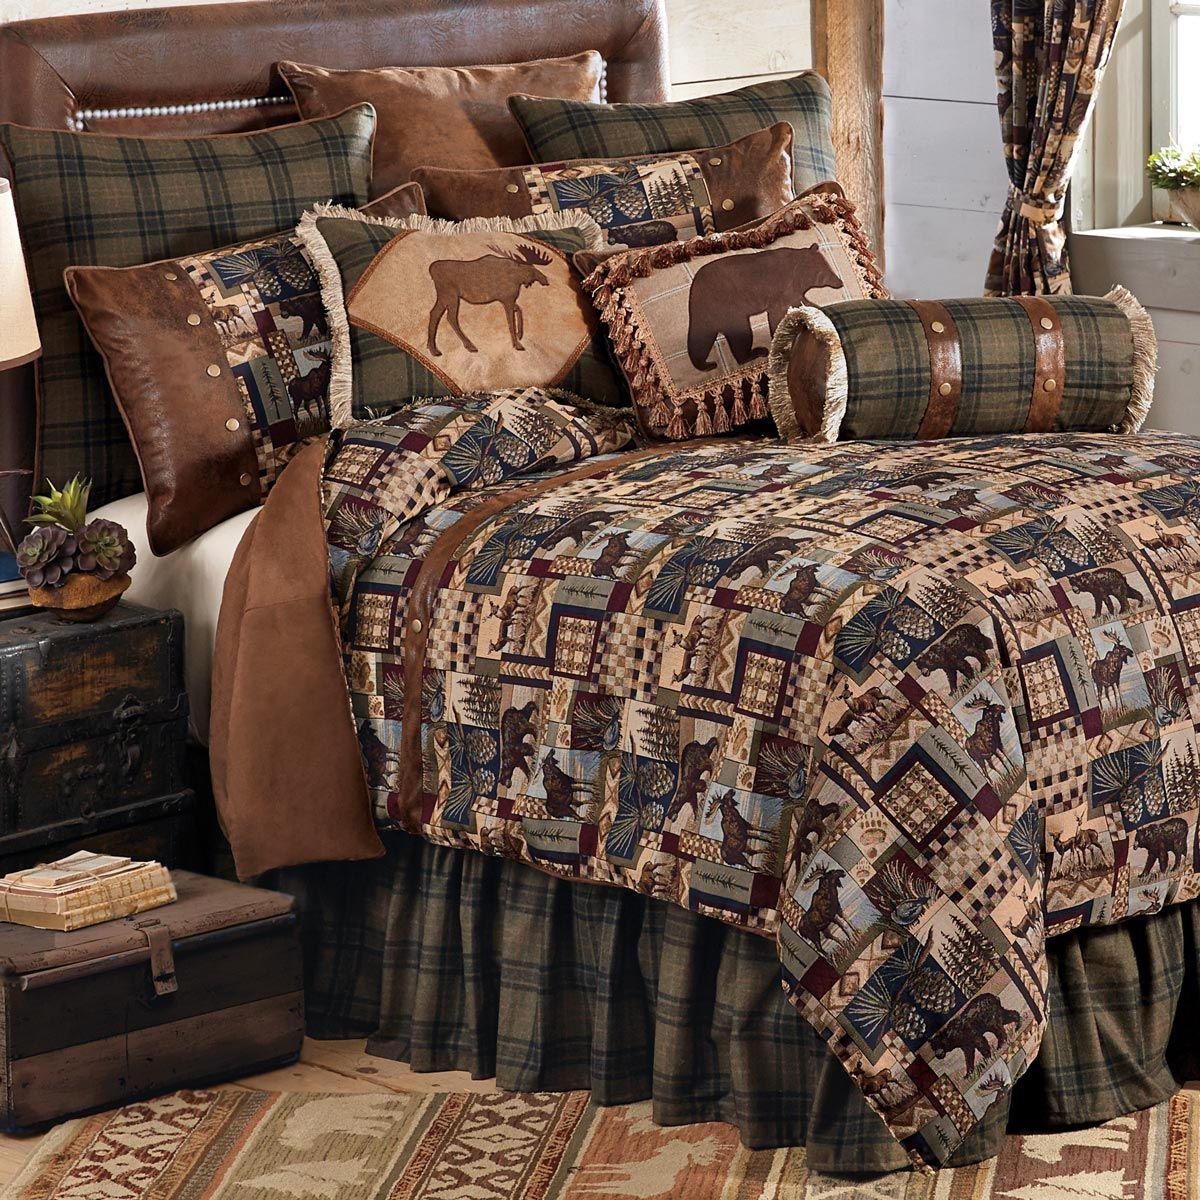 Woodland Cabin Bed Set King Cabin Bedding Sets Rustic Bedding